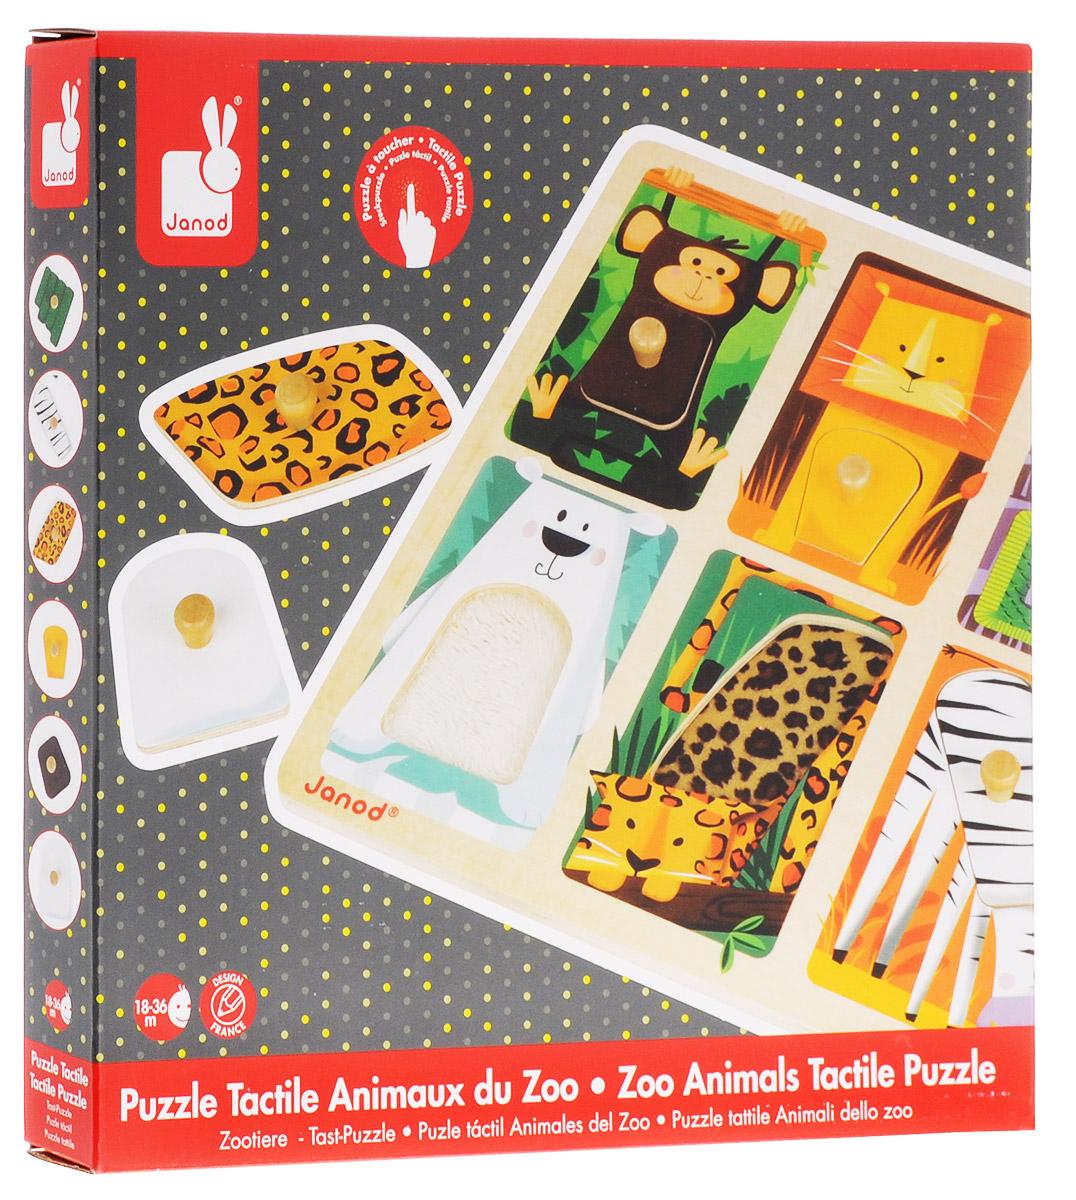 Janod Пазл для малышей Животные зоопаркаJ07081Текстурный пазл-вкладыш Janod Животные зоопарка - это деревянный пазл с 6 фигурками-вкладышами (обезьянка, белый медведь, лев, змея, зебра, леопард). Под каждой фигуркой находится текстильный материал, подобранный максимально близко цвету и текстуре шкурки животных. Благодаря тактильному восприятию наряду с визуальным, у детей формируется более полный ассоциативный ряд, связанный с тем или иным животным, расширяется словарный запас, формируется творческое мышление. Для детей от 18 до 36 месяцев.